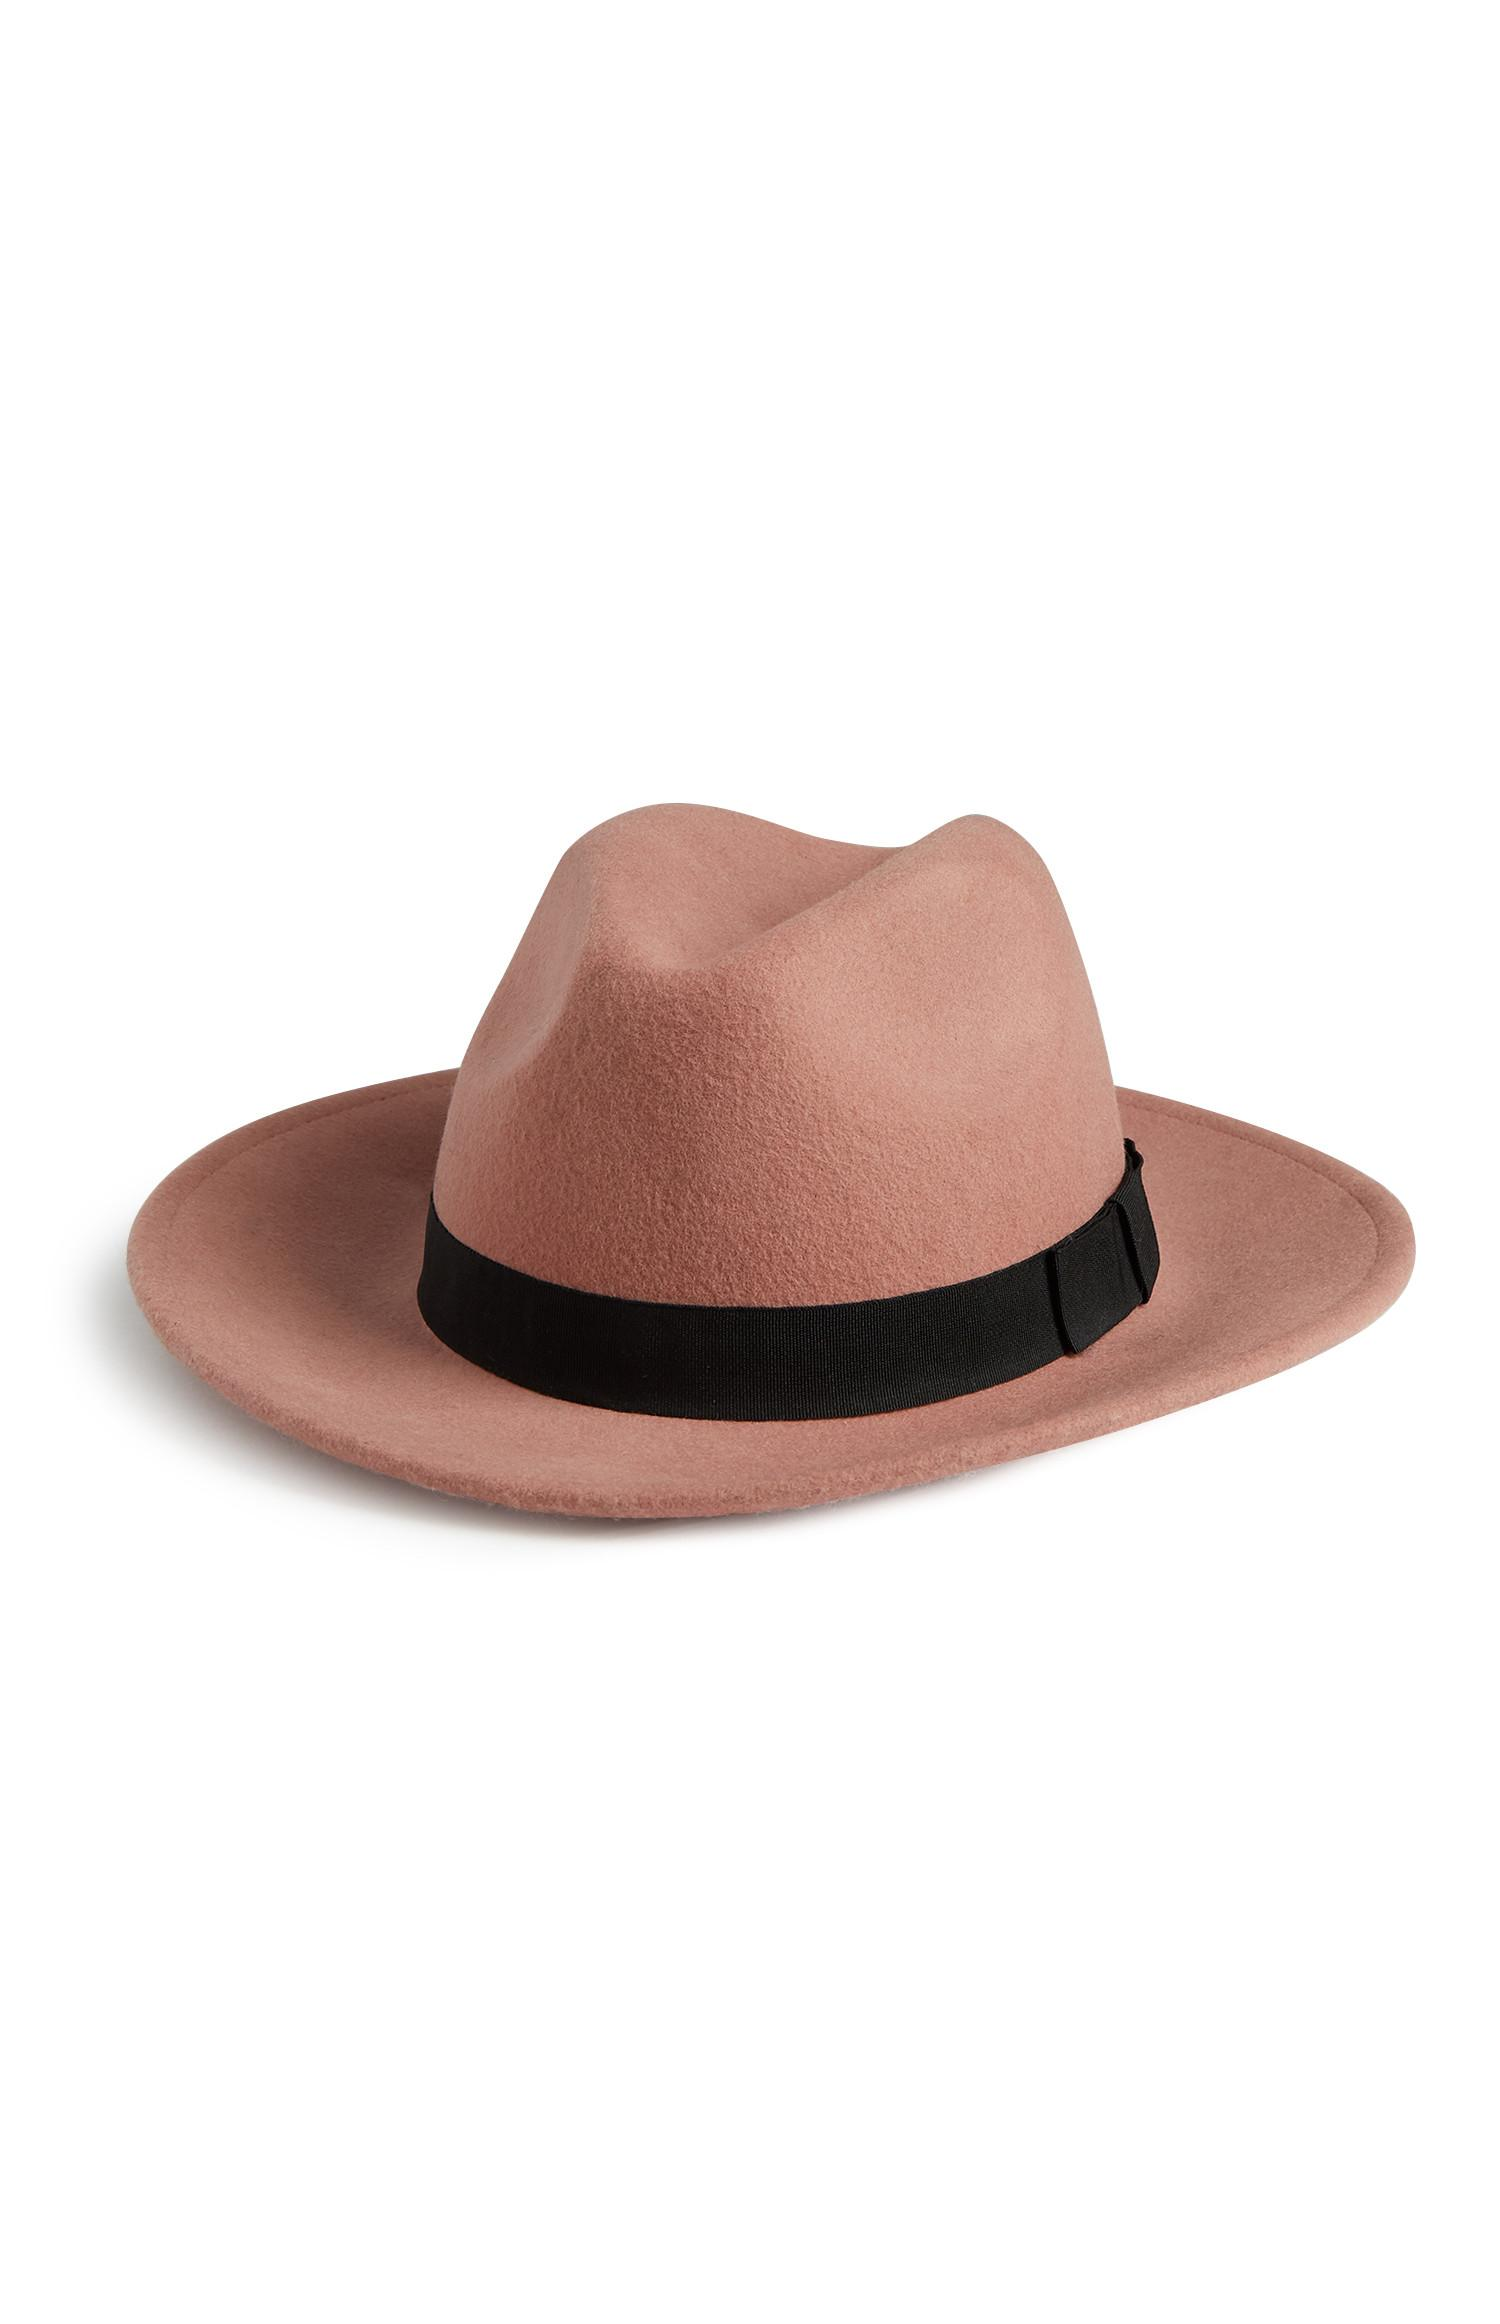 Blush Wool Fedora Hat